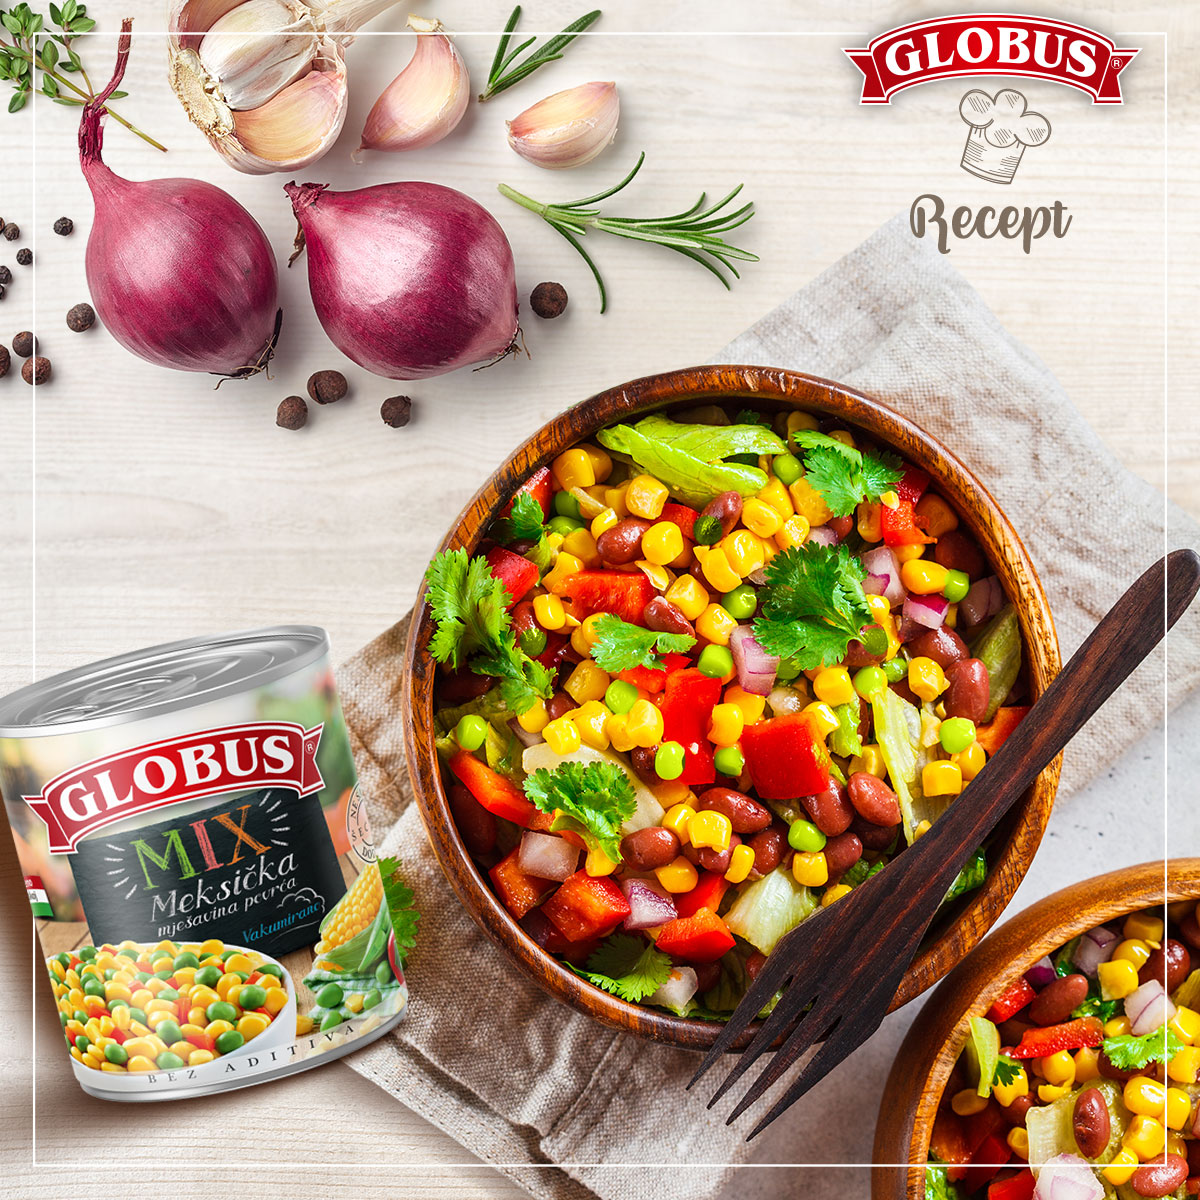 Salata od globus meksičke mešavine